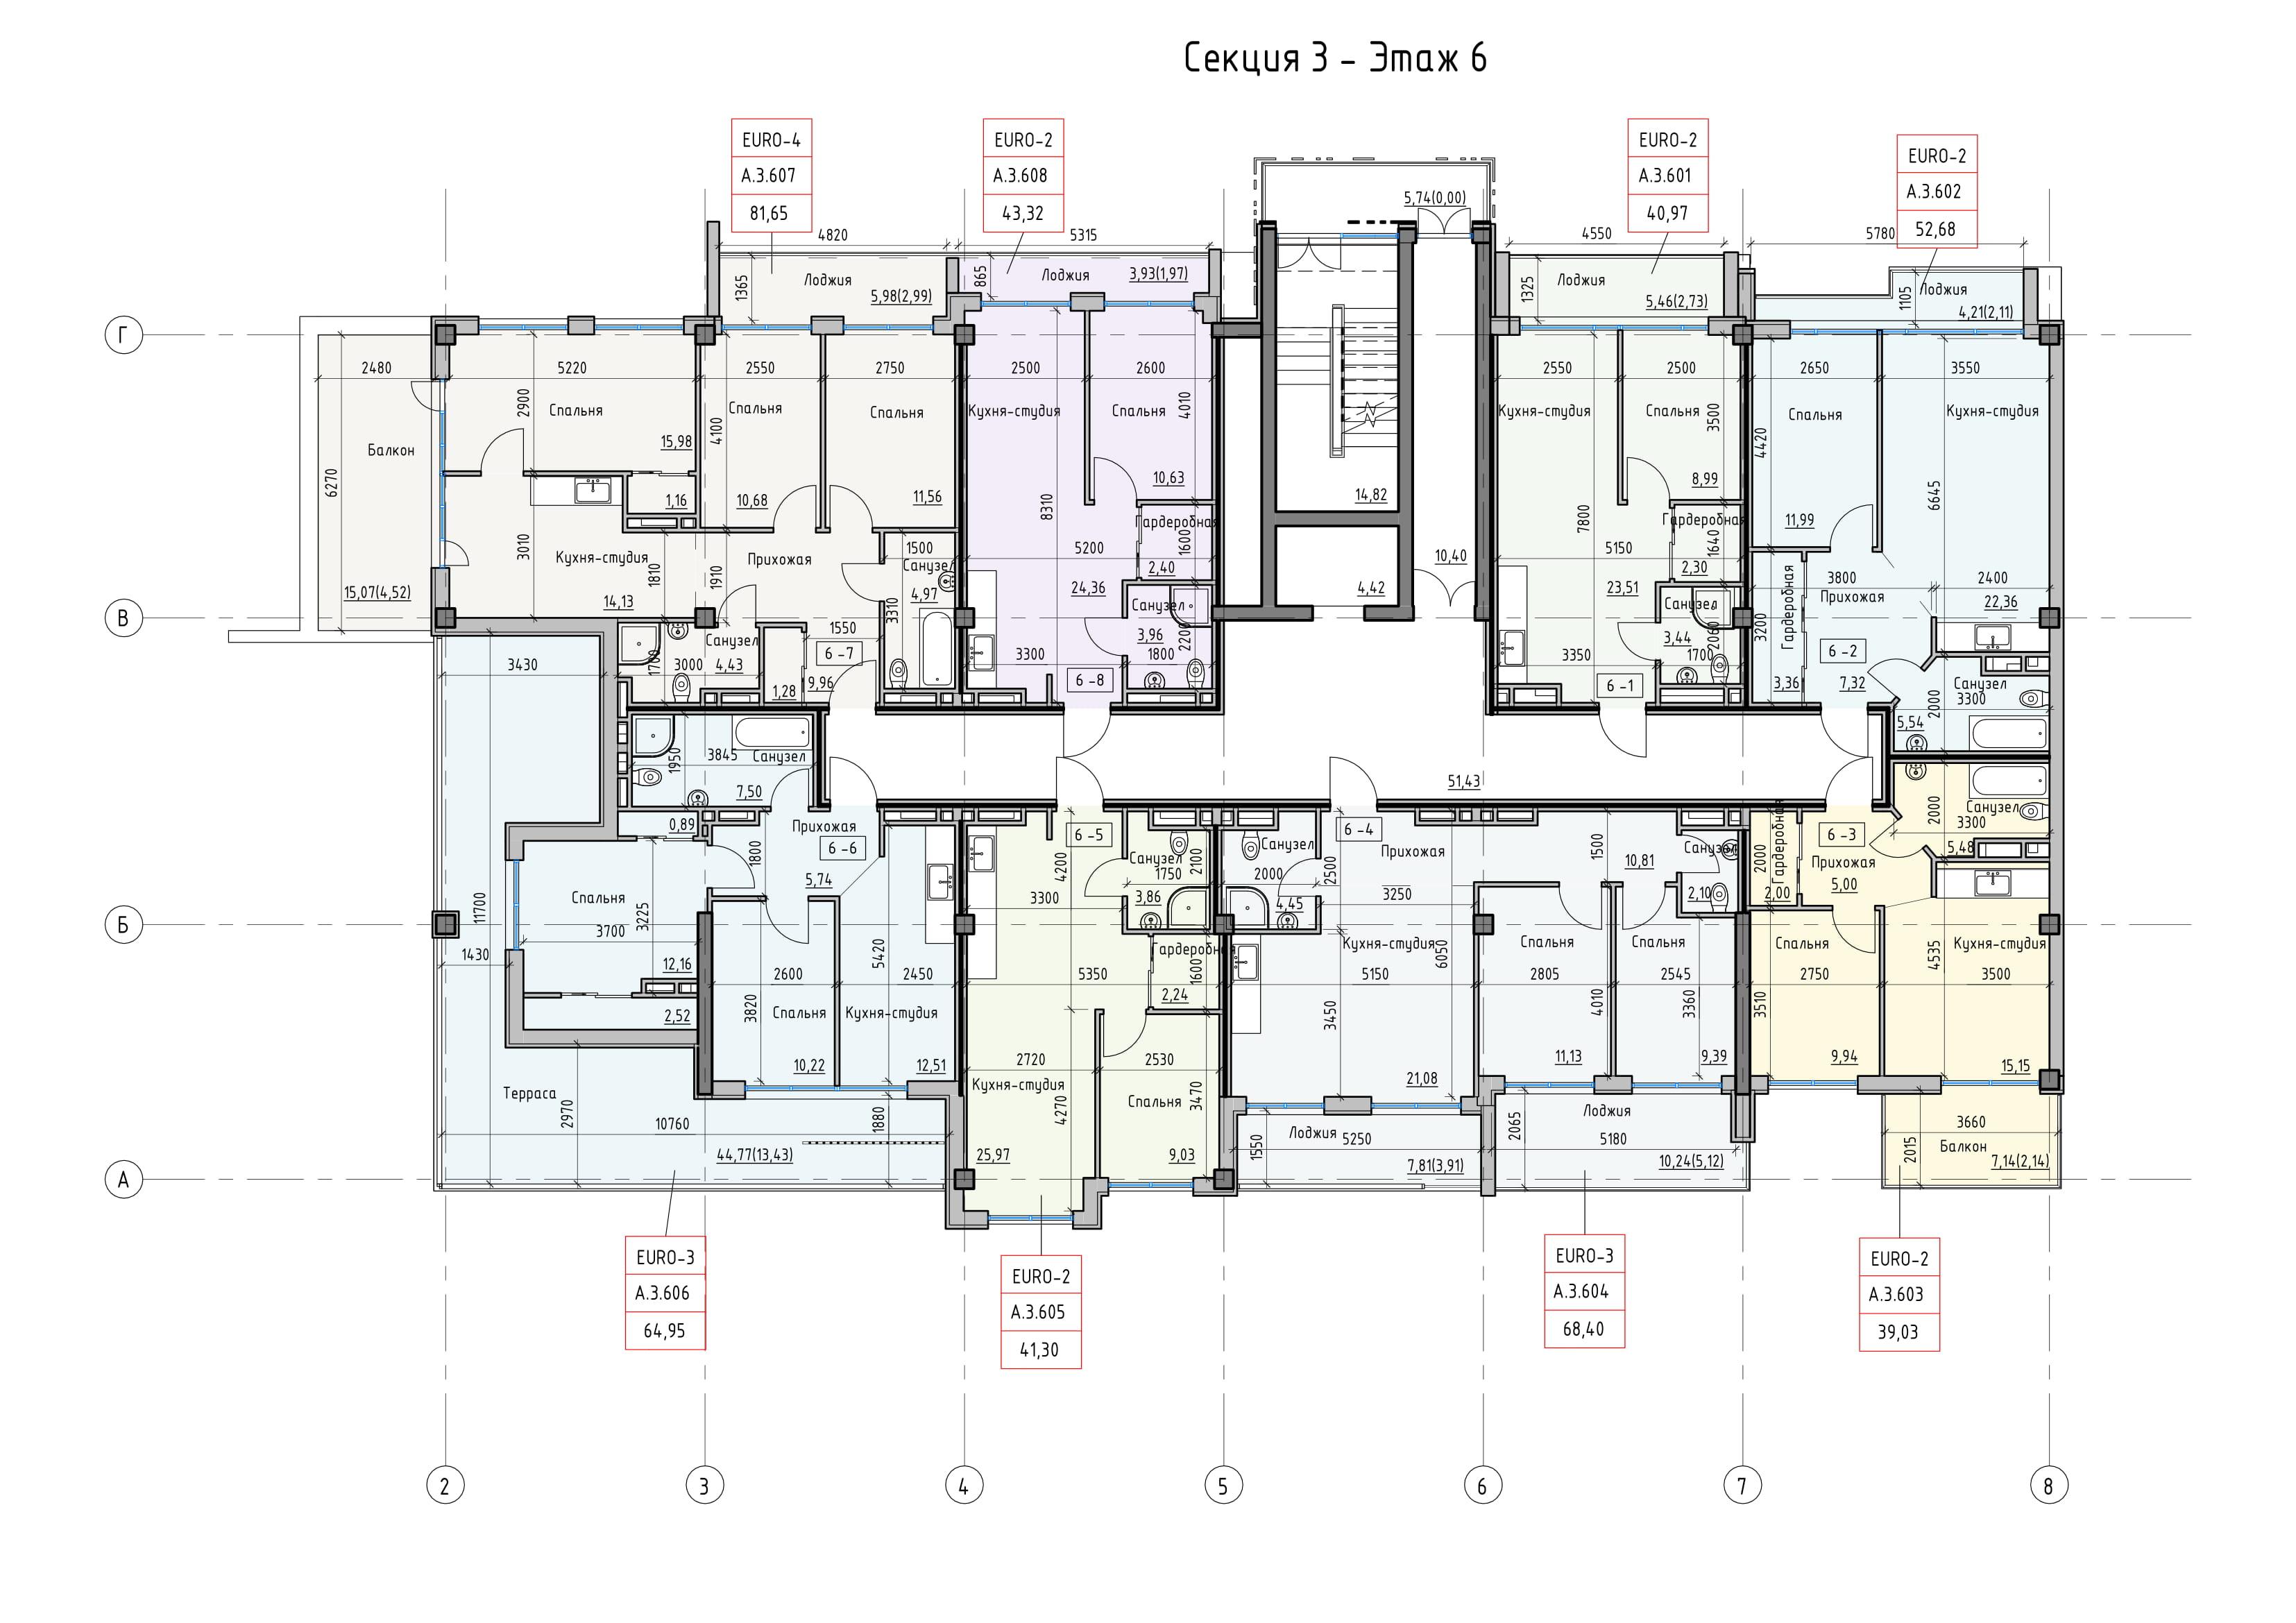 Пространство на Донского Корпус А Секция 3 план 6 этажа